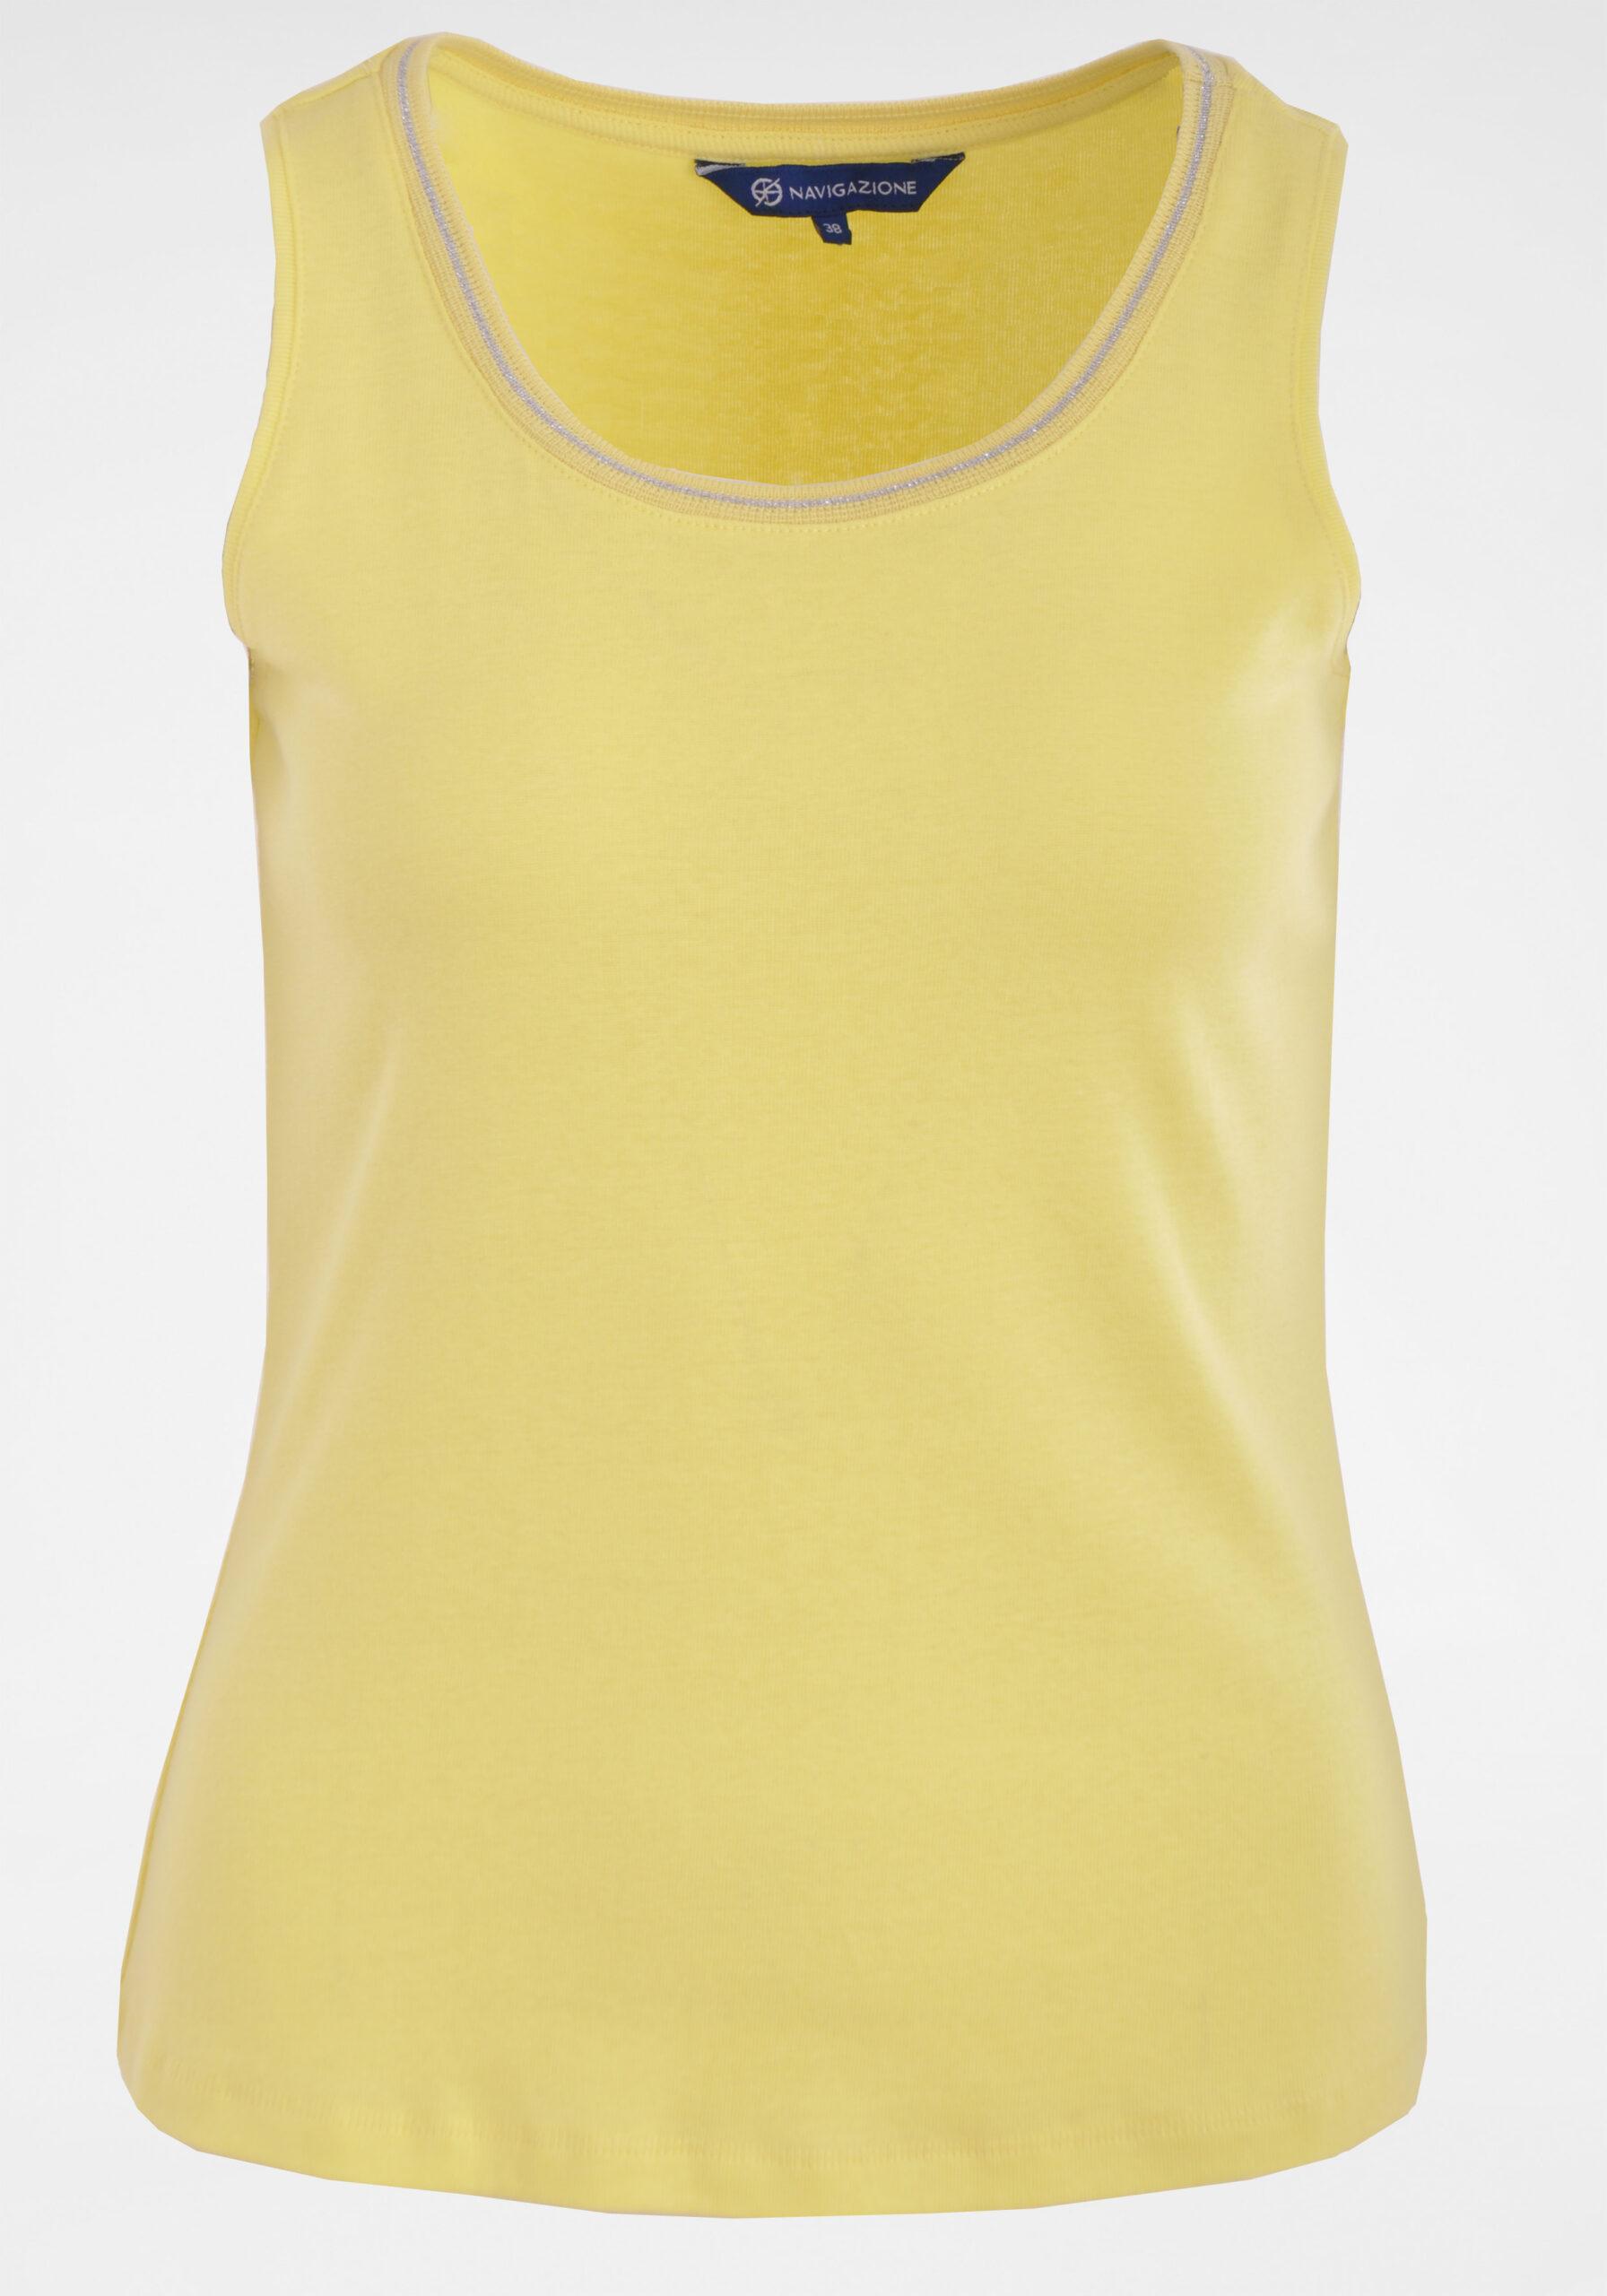 Damen Top mit Lurex-Zierstreifen gelb